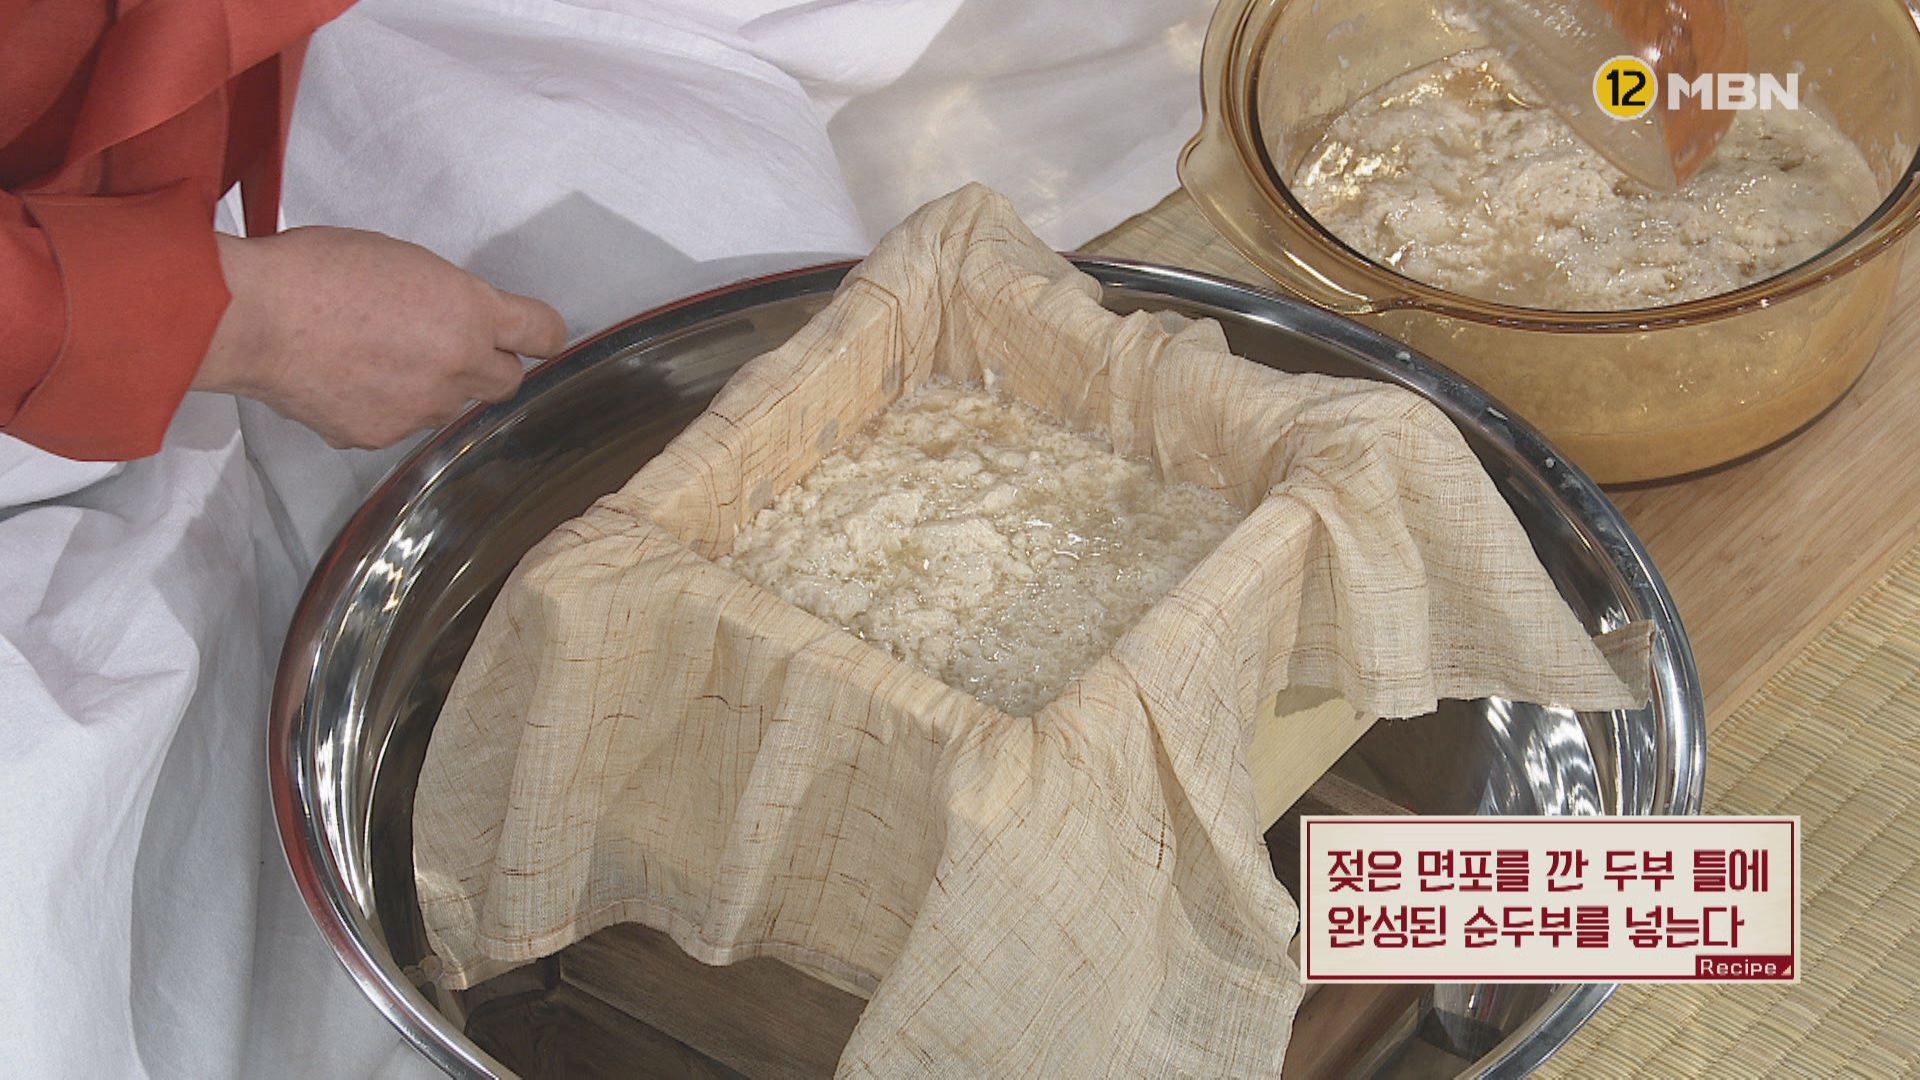 알토란 서분례 영양 두부 만드는 방법